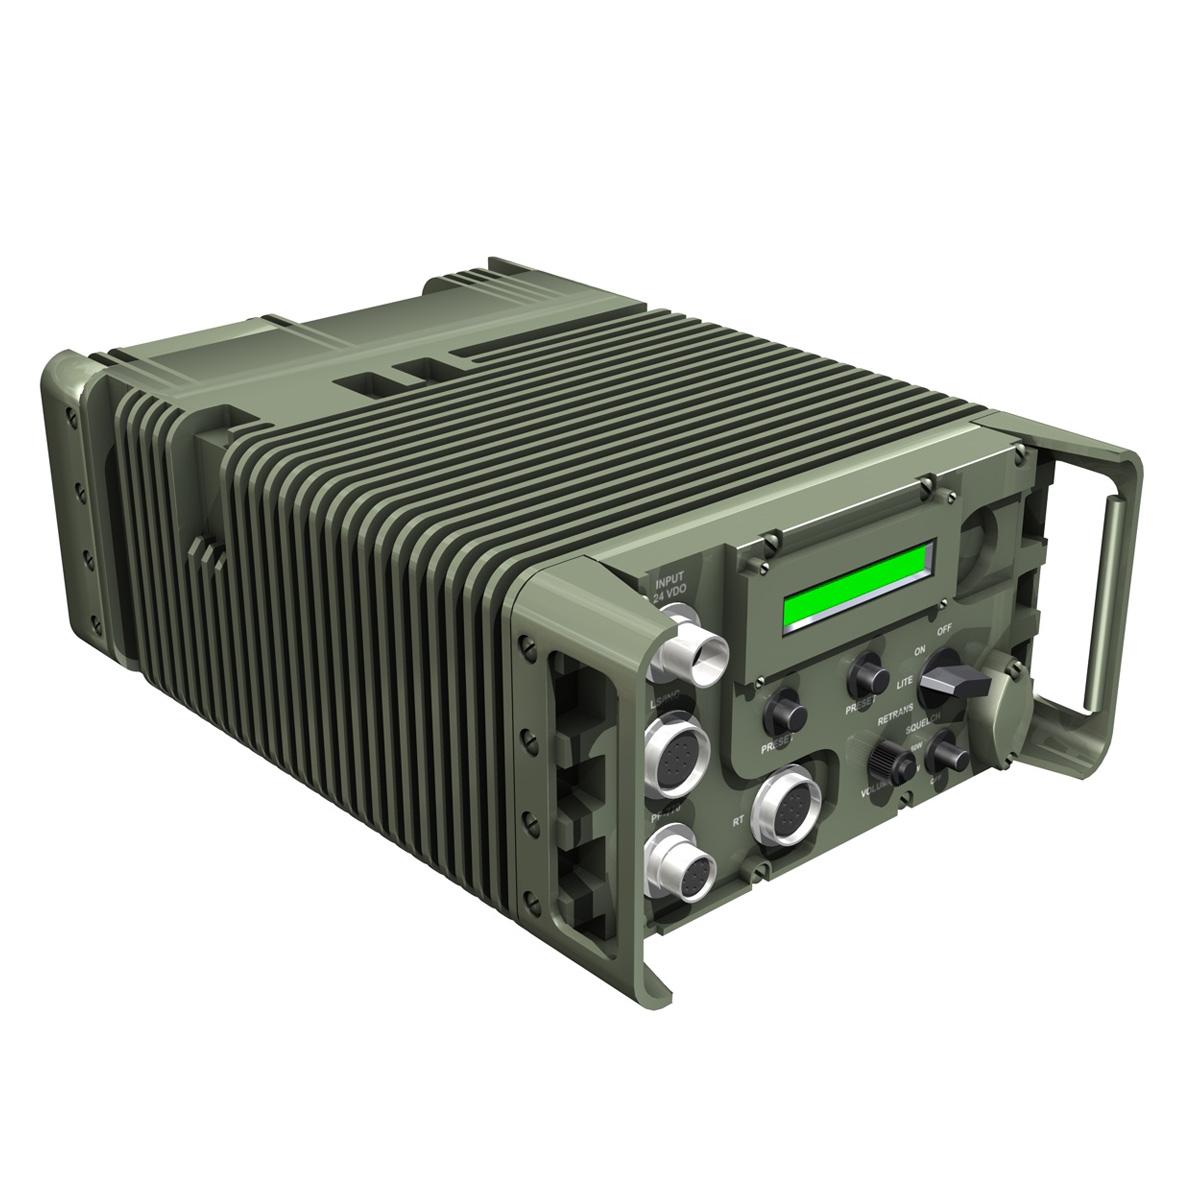 uhf military data radio 3d model 3ds fbx c4d lwo obj 189259